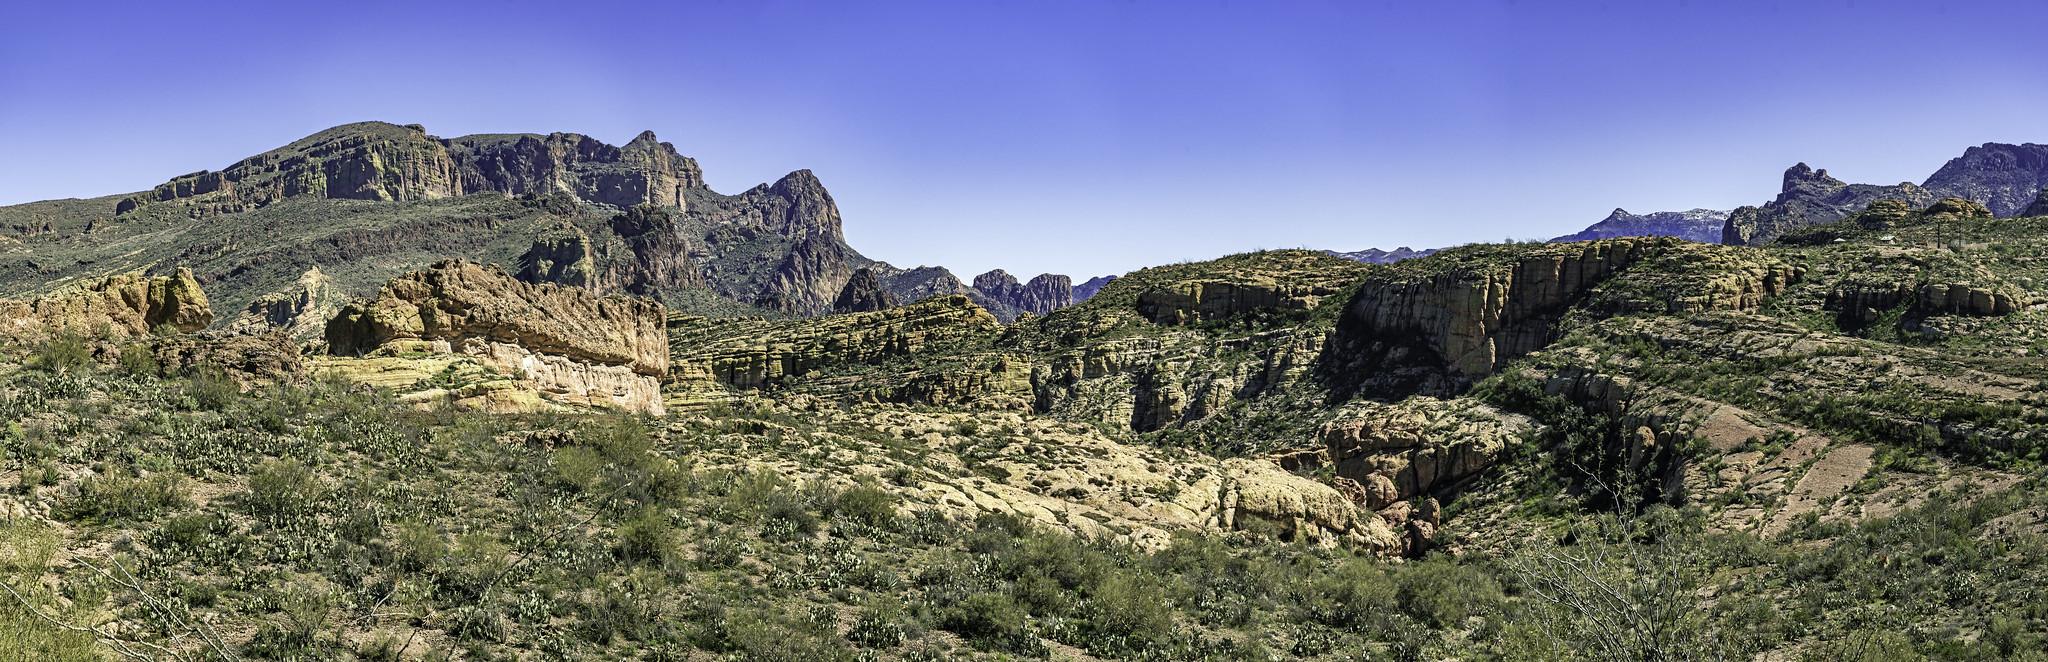 Arizona desert pano